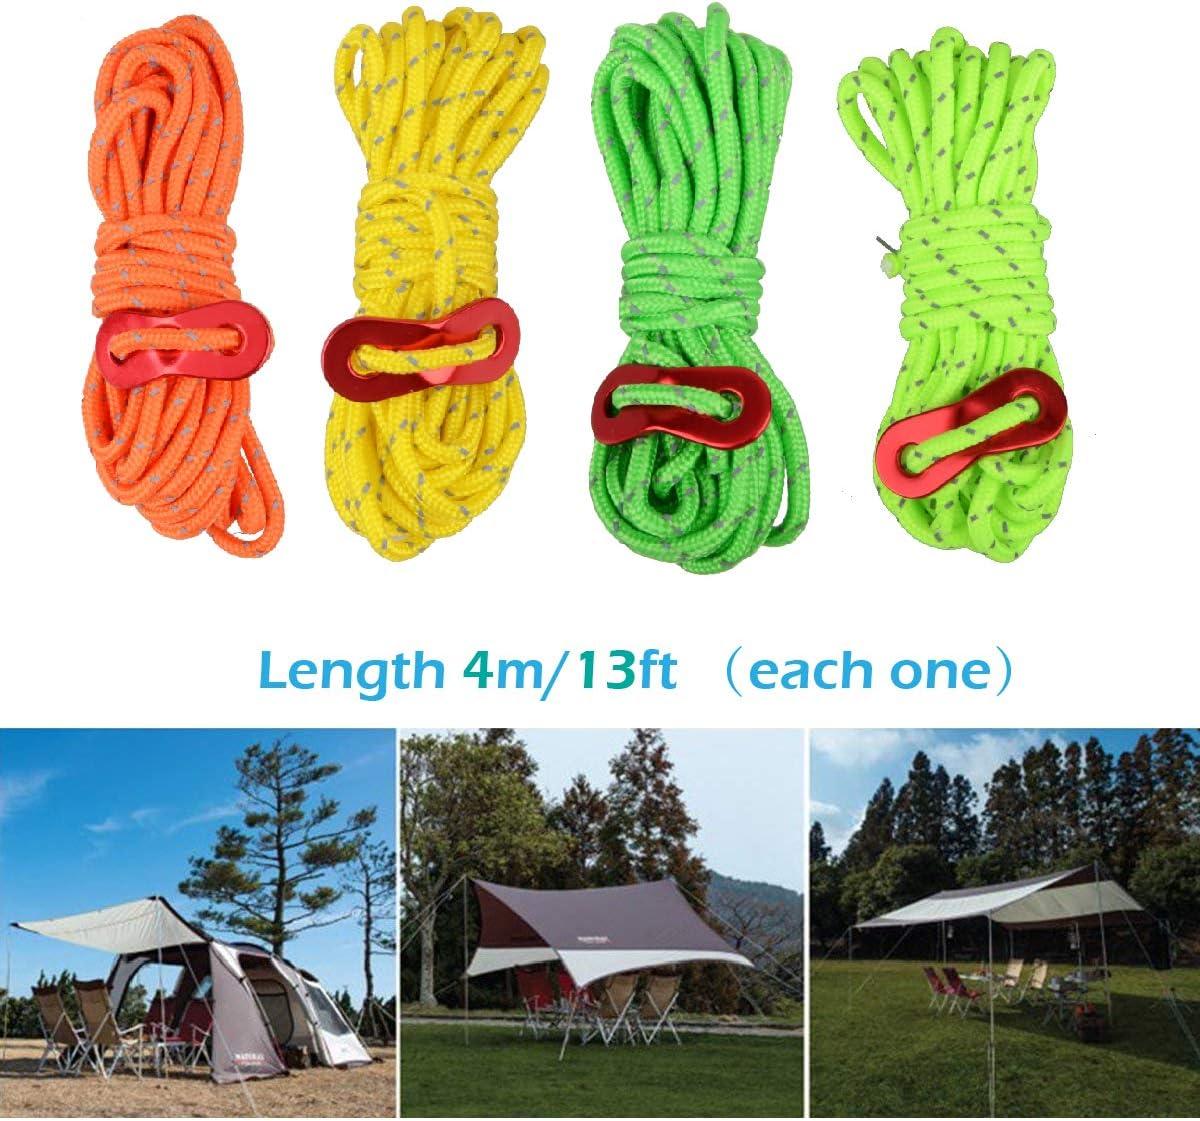 TRIWONDER Corde de Tente R/éfl/échissante 4m*4 Corde en Nylon Ficelle avec Tendeur pour Escalade Camping Tente B/âche Randonn/ée